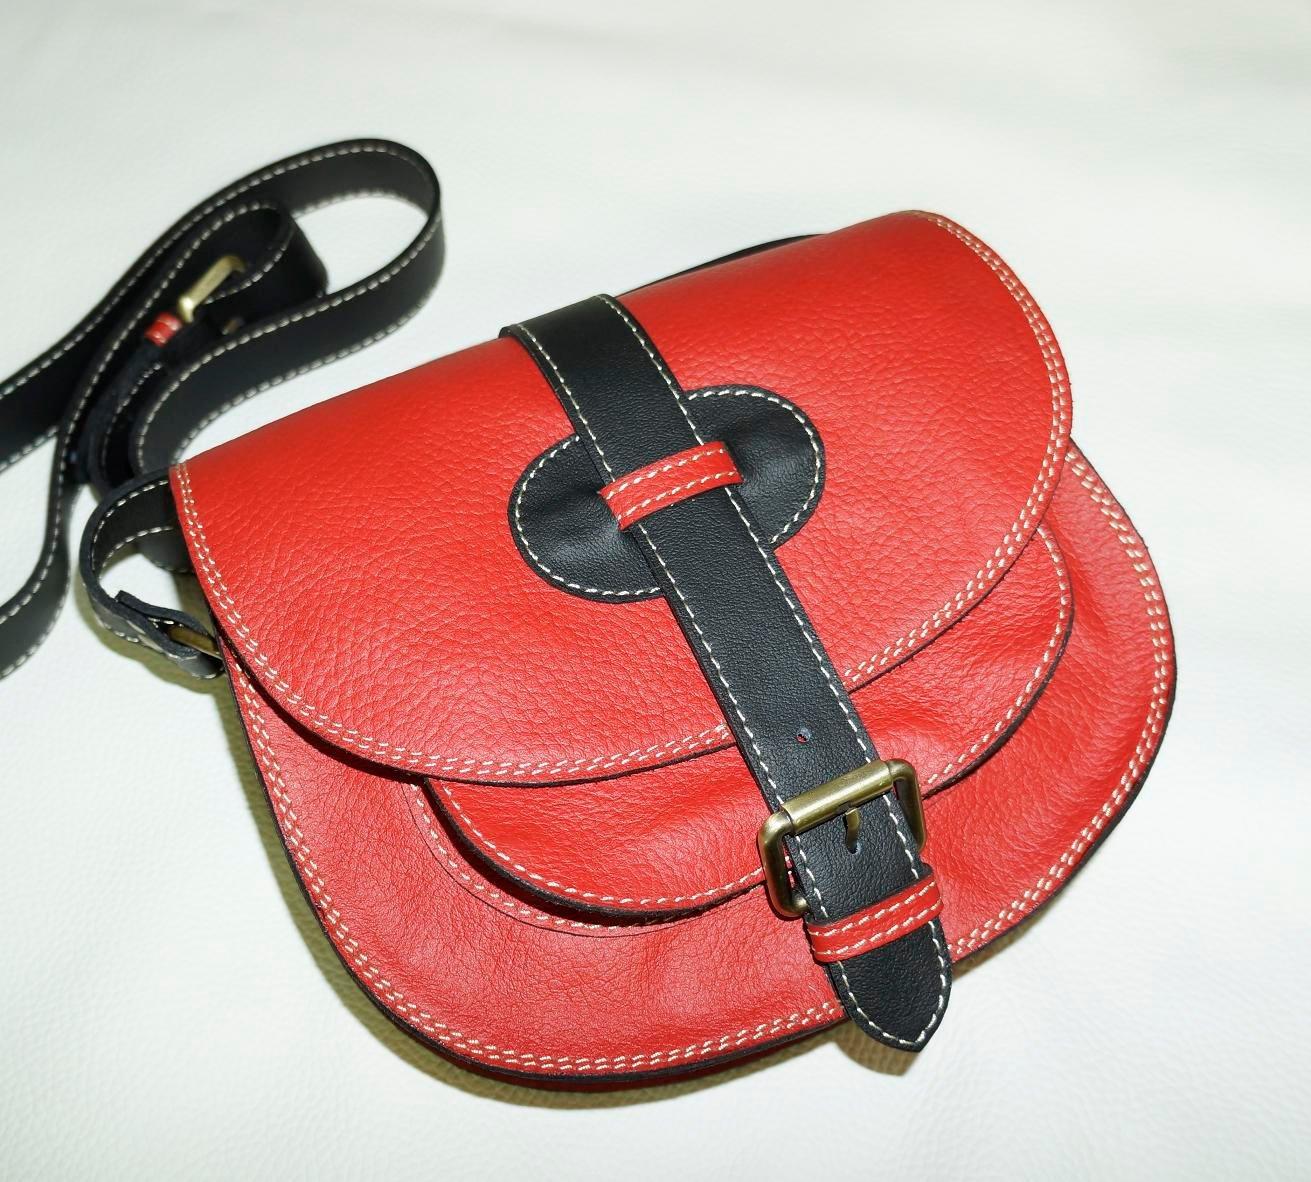 Two-toned Red & Black Leather Bag Messenger Shoulder Crossbody Bag Goldmann size S